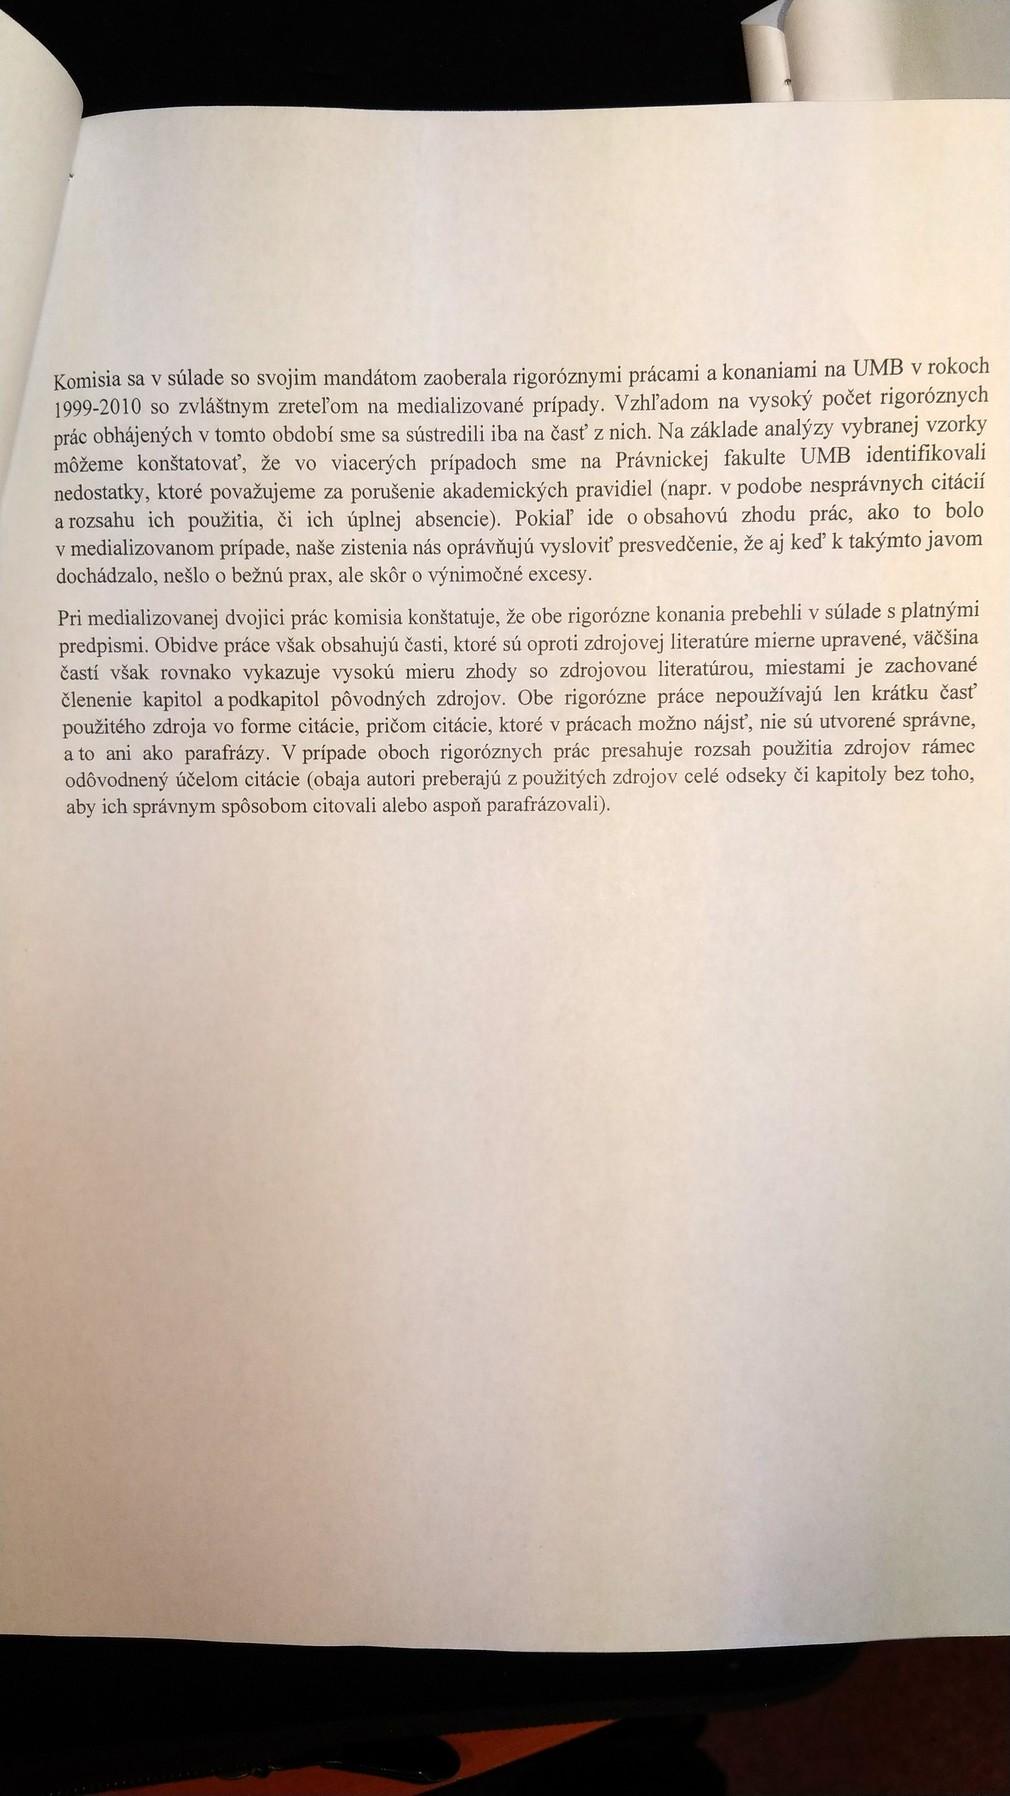 Vyhlásenie Akademického senátu UMB k Dankovej rigoróznej práci